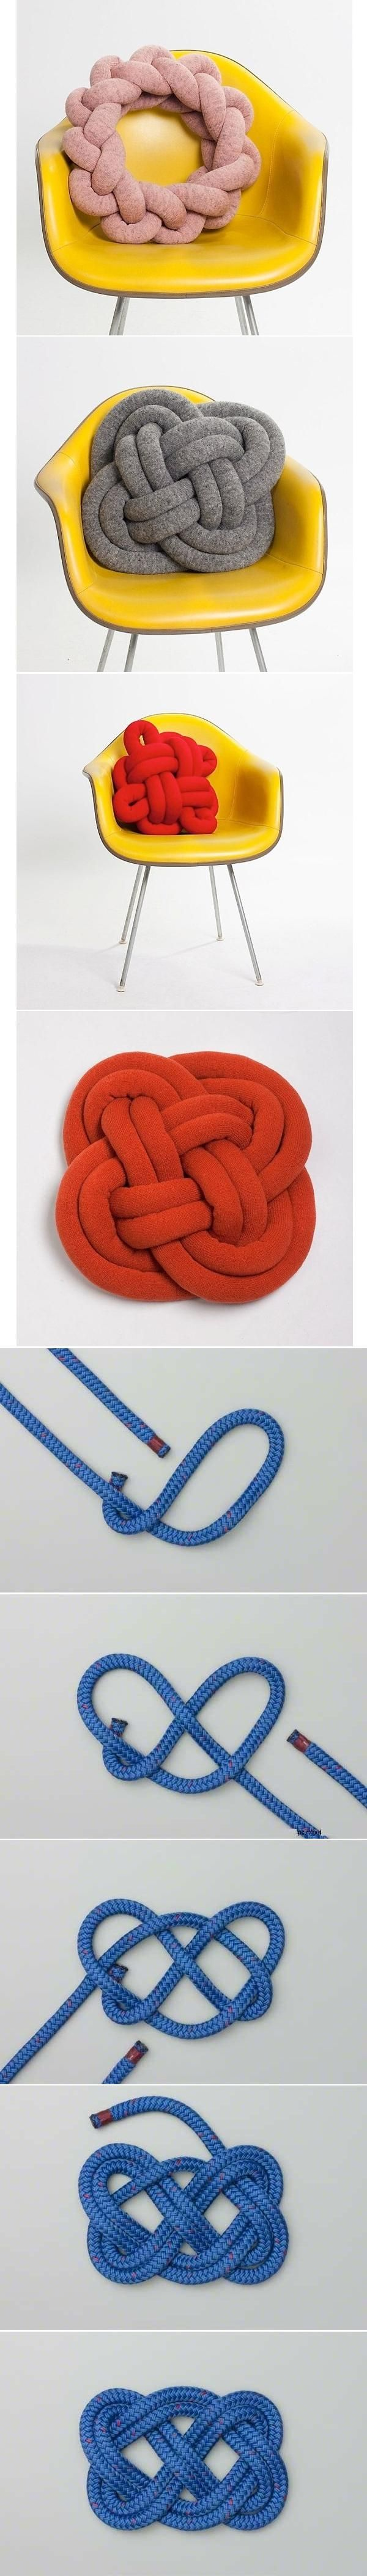 Diy knot pillow knot pillow pillows and craft